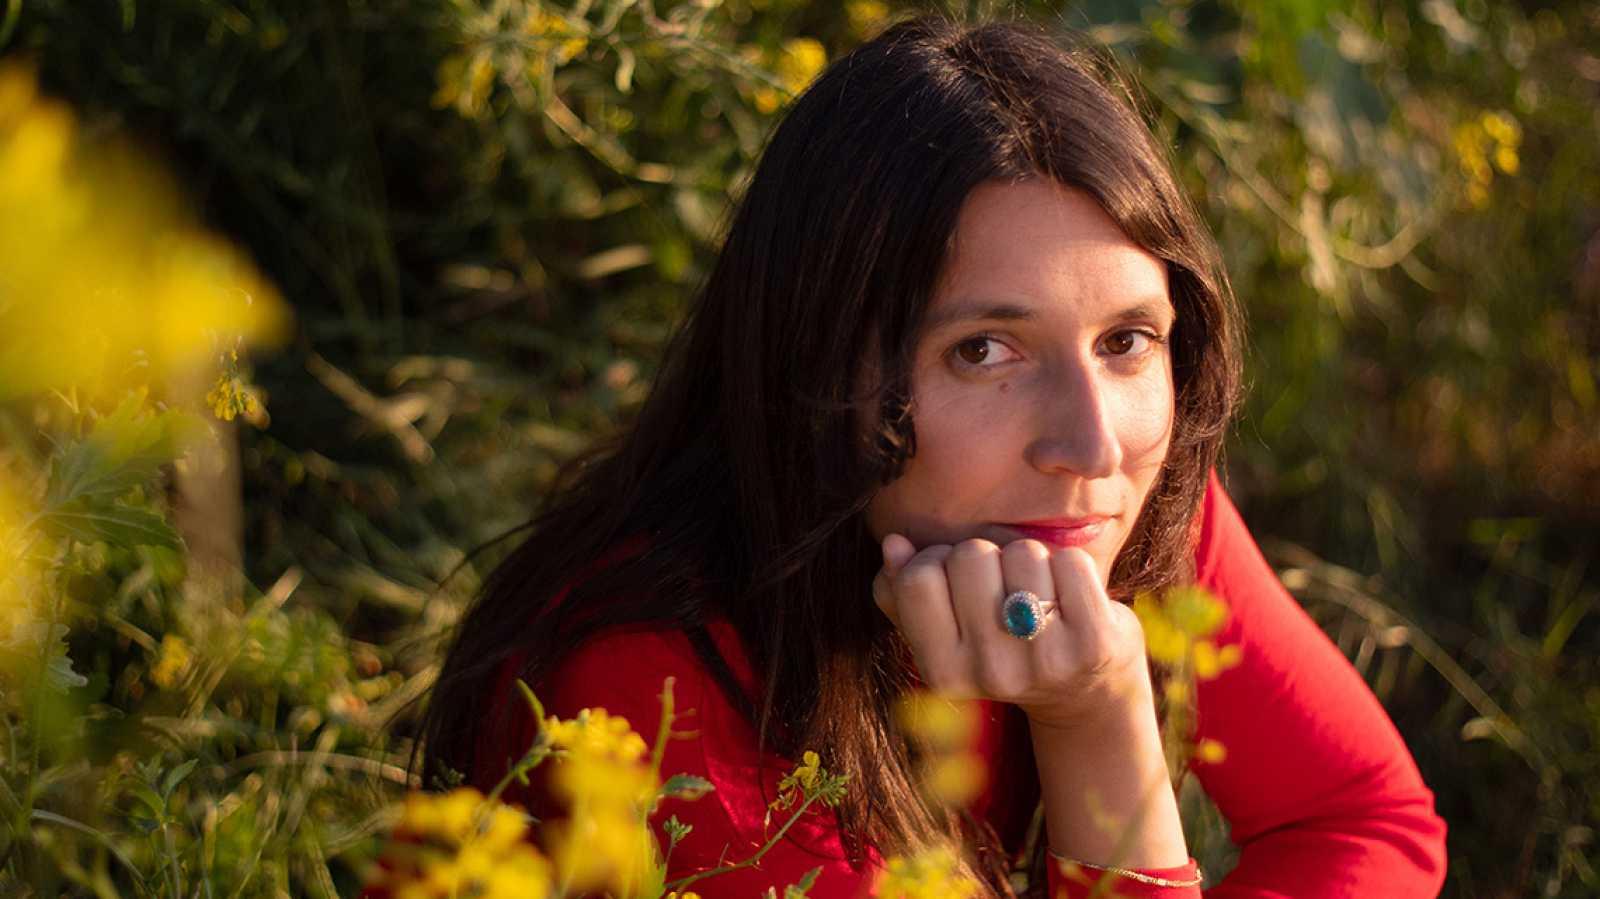 Retromanía - Las canciones sencillas de Lorena Álvarez - 26/08/19 - escuchar ahora